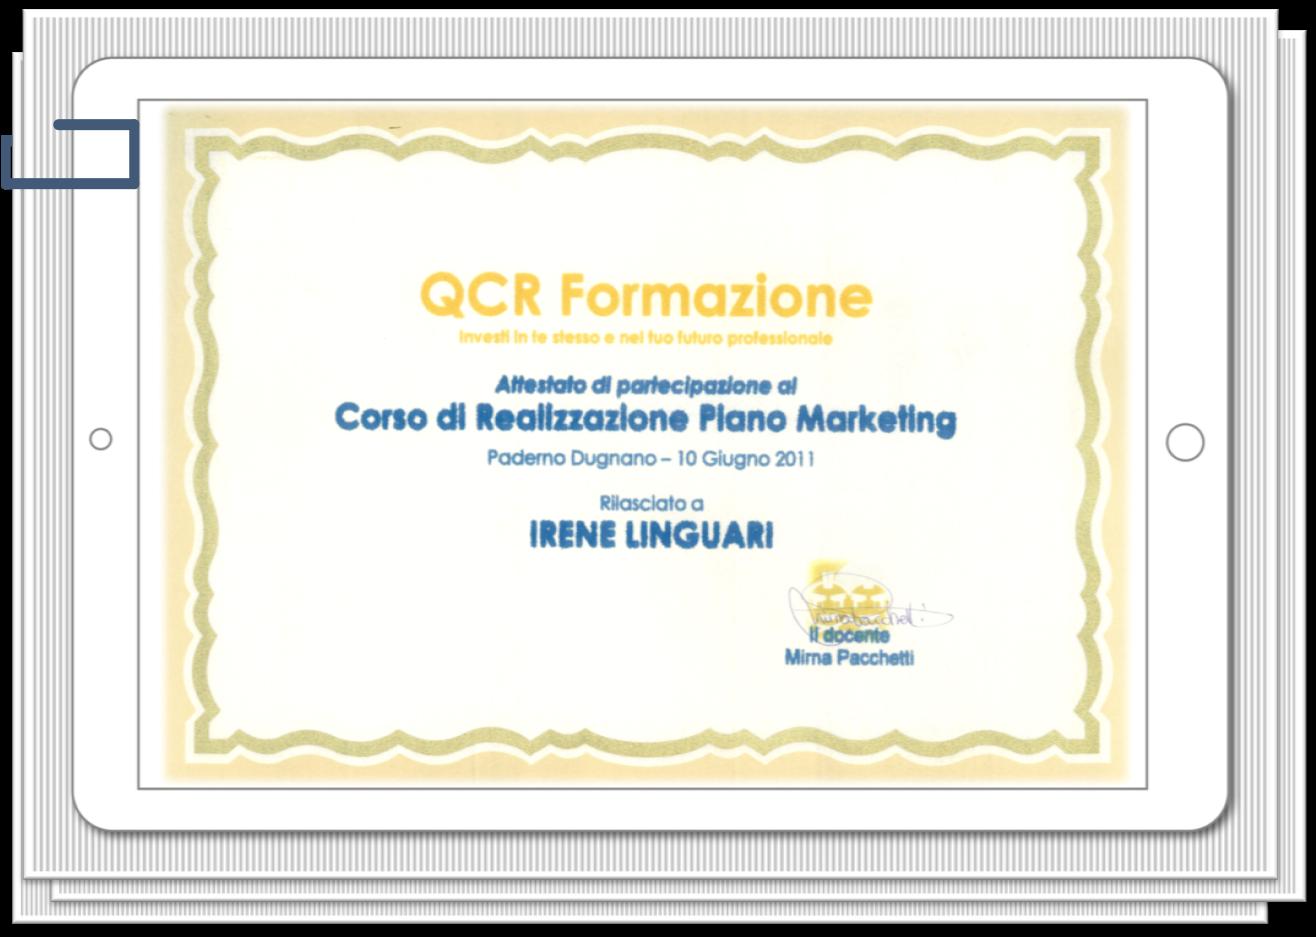 IreneLinguari_AssistenteDallaAallaZeta_About_Irene_02_Formazione_Marketing_PianoMarketing_Qcr_att